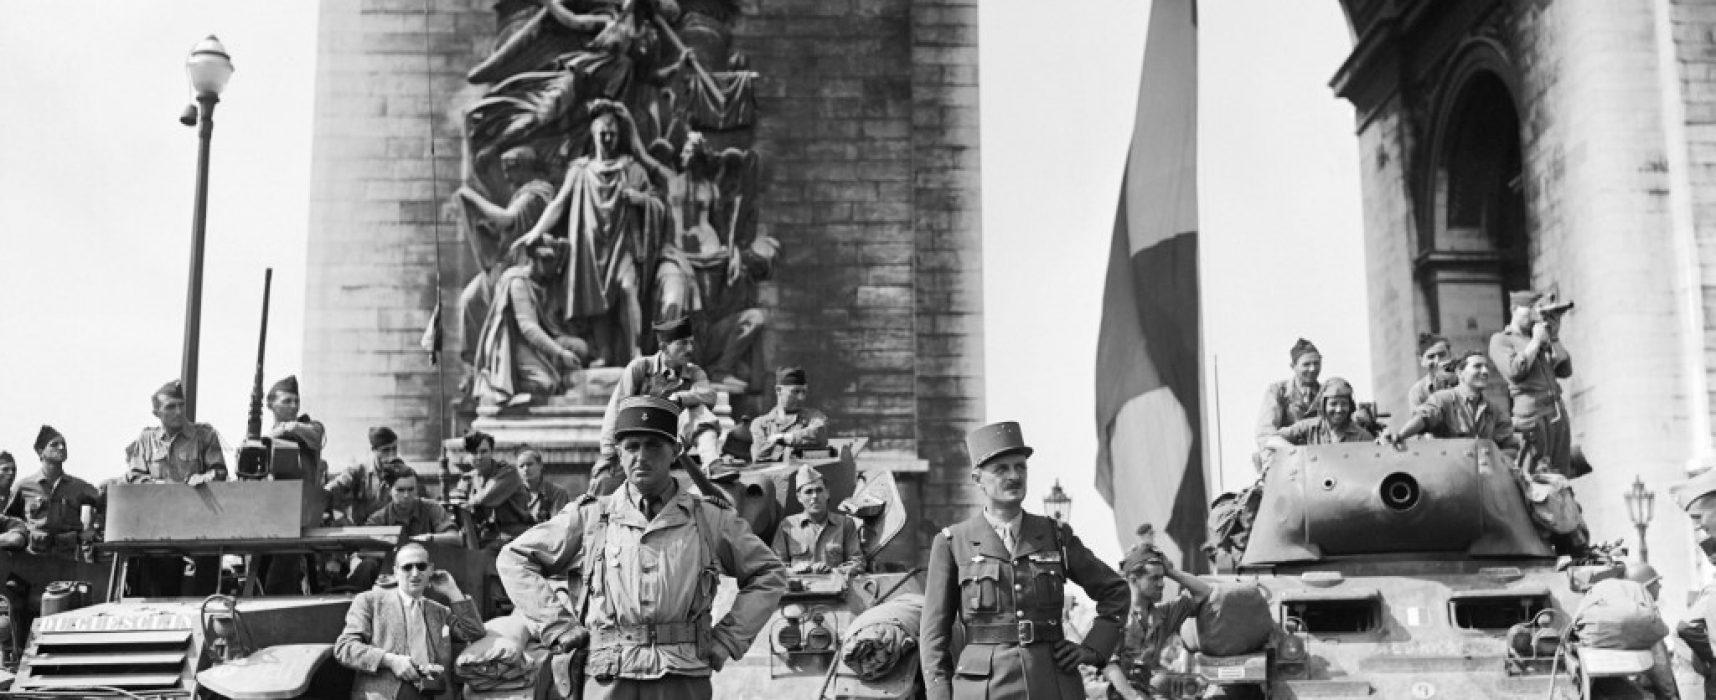 Фейк программы «Время»: бойцов французского Сопротивления было на порядок меньше, чем брянских партизан